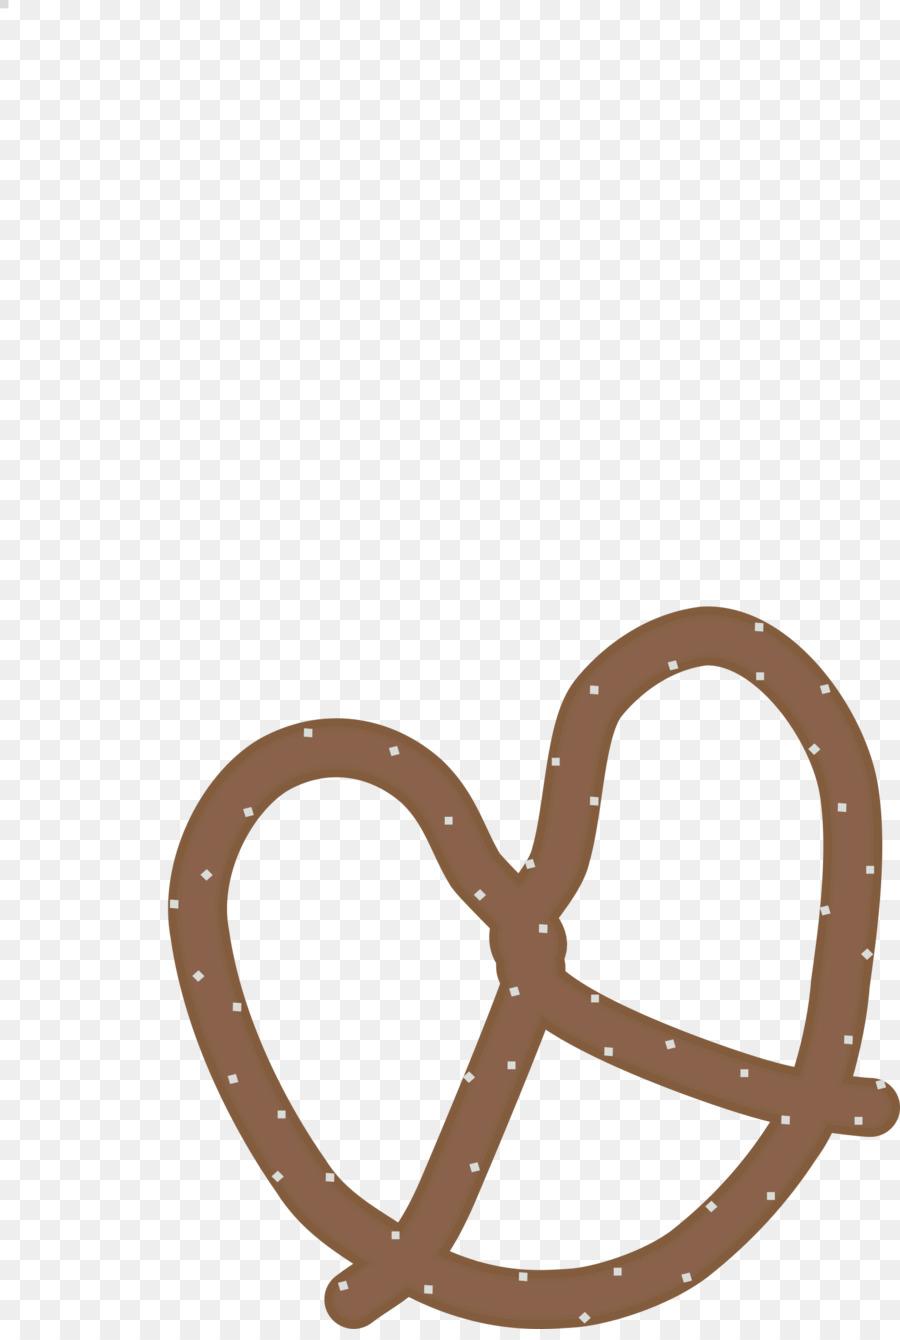 Chocholate pretxle clipart svg transparent stock Pretzel Chocolate Salt Clip art - chocolate png download - 1625*2400 ... svg transparent stock